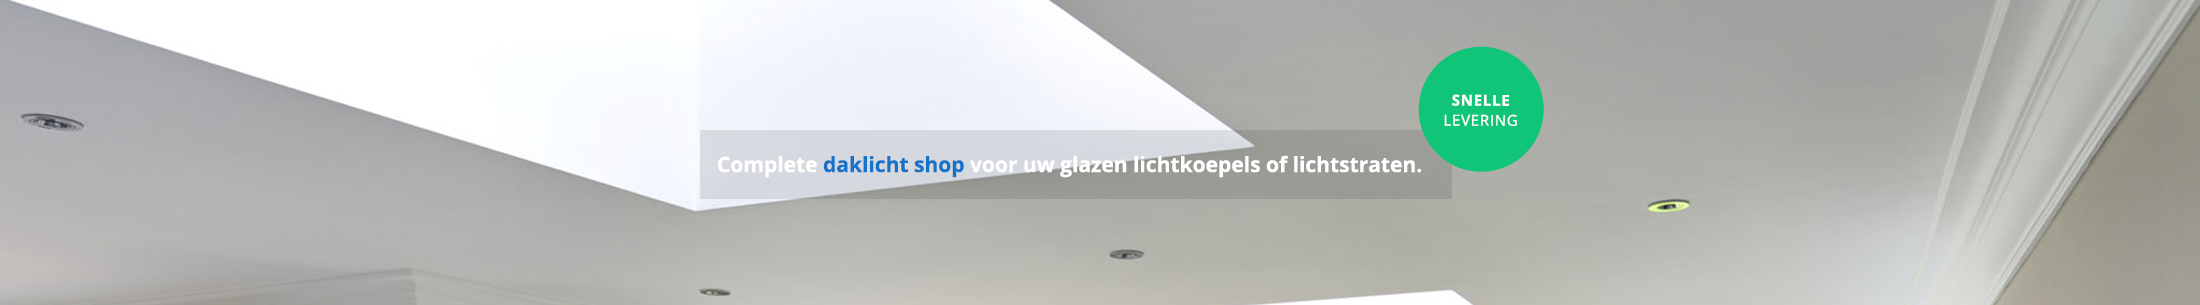 Daklichtshop.nl webshop